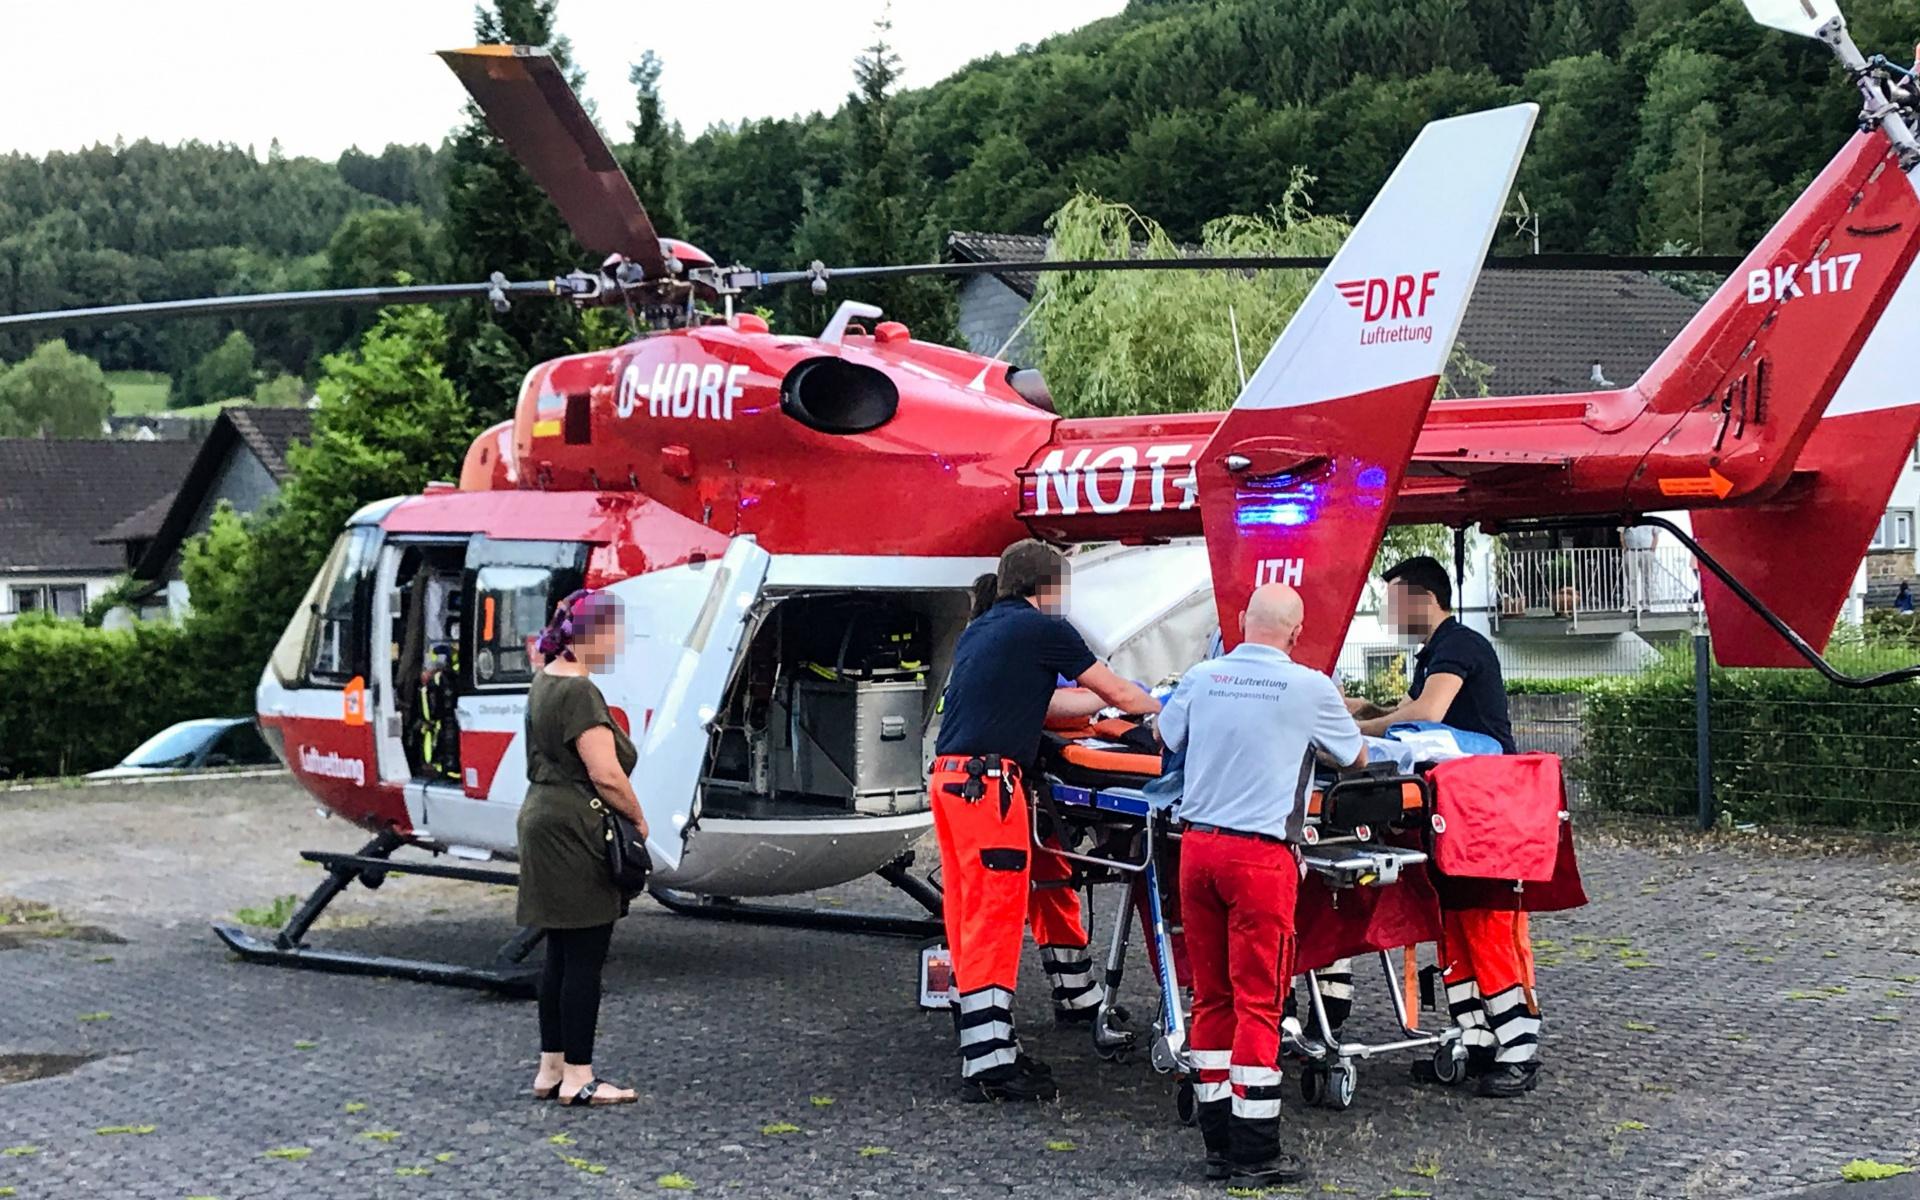 Heißer Tee kann für Kleinkinder eine große Gefahr darstellen. So auch im Bergischen Land, wo sich ein einjähriger Junge so schwer verbrannte, dass er an Bord von Christoph Dortmund in eine Spezialklinik geflogen werden musste.